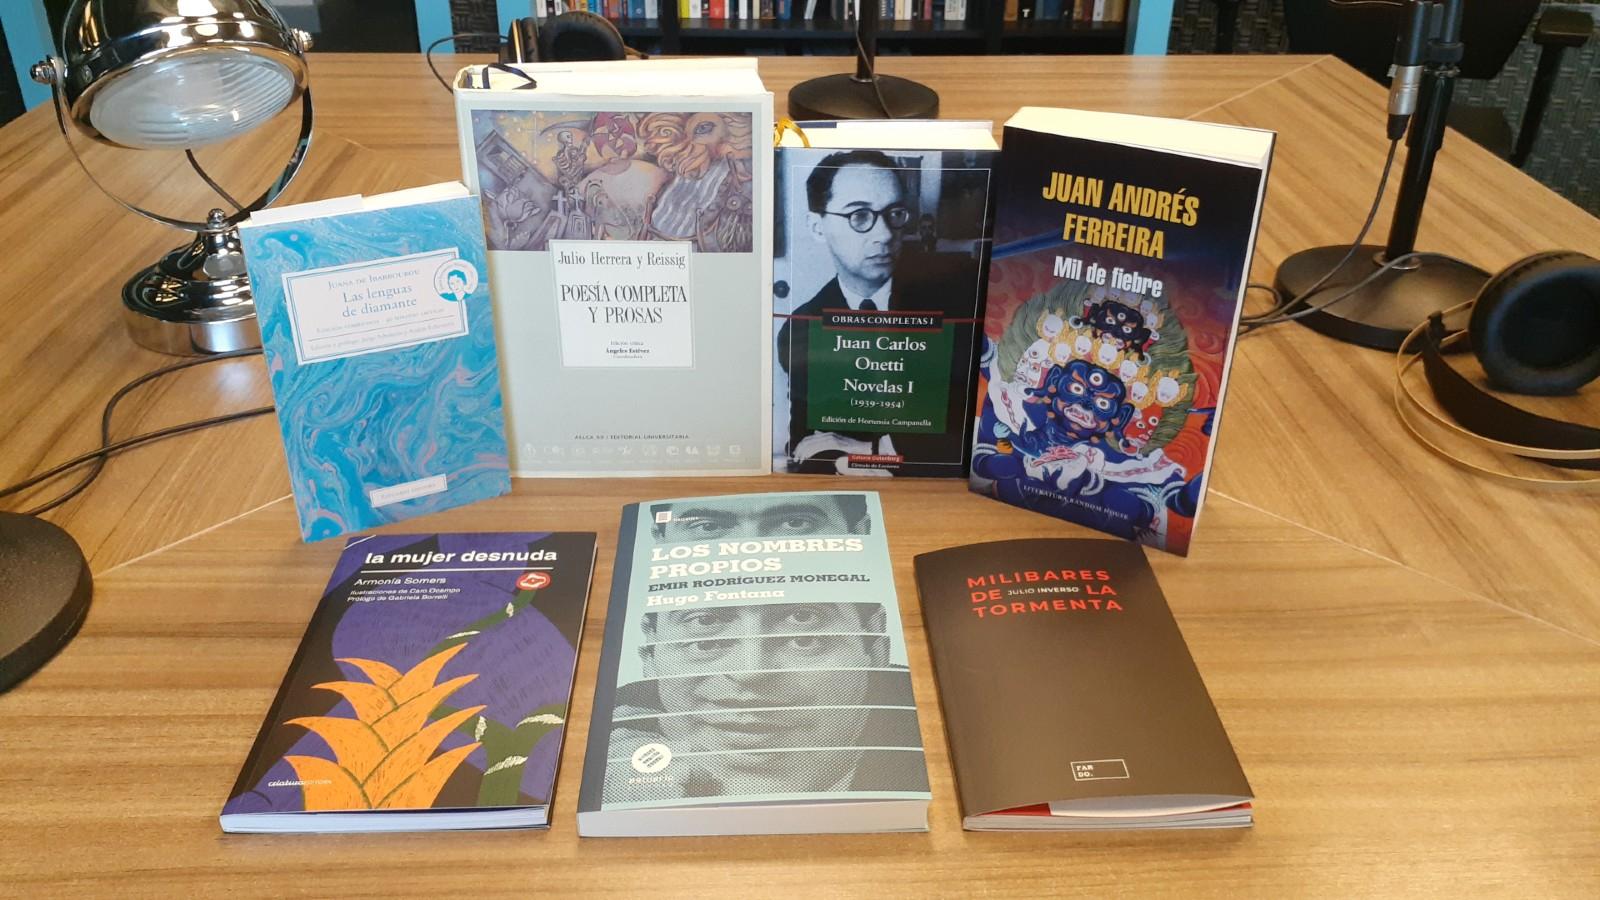 Noche del Libro Uruguayo: Celebramos el Día Nacional del Libro con tres horas de entrevistas y lecturas